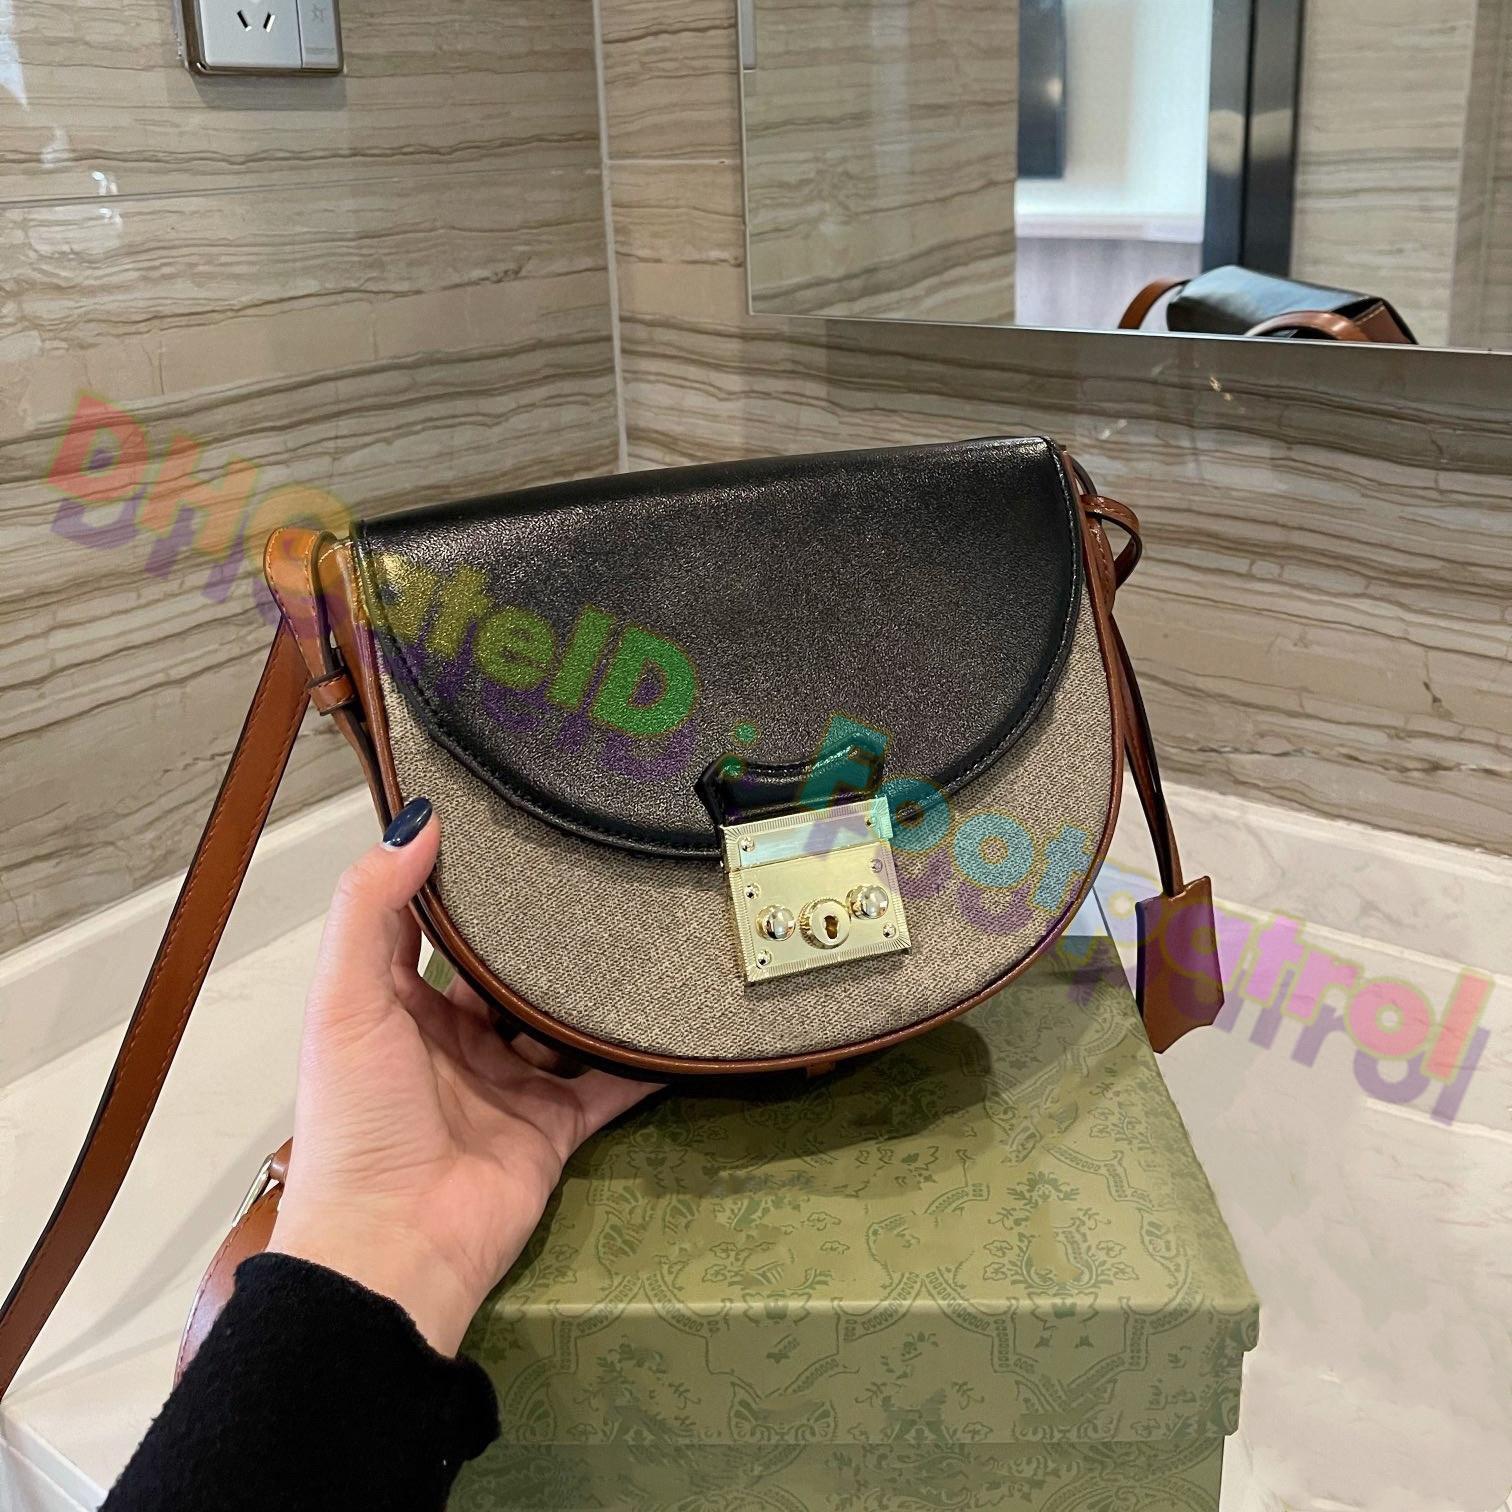 2021 السيدات الكلاسيكية السرج حقيبة أعلى جودة حقائب جلد طبيعي مع الكتف حزام محفظة المعادن قلادة أكتاف أكياس النساء crossbody حقيبة جلد البقر سقرا